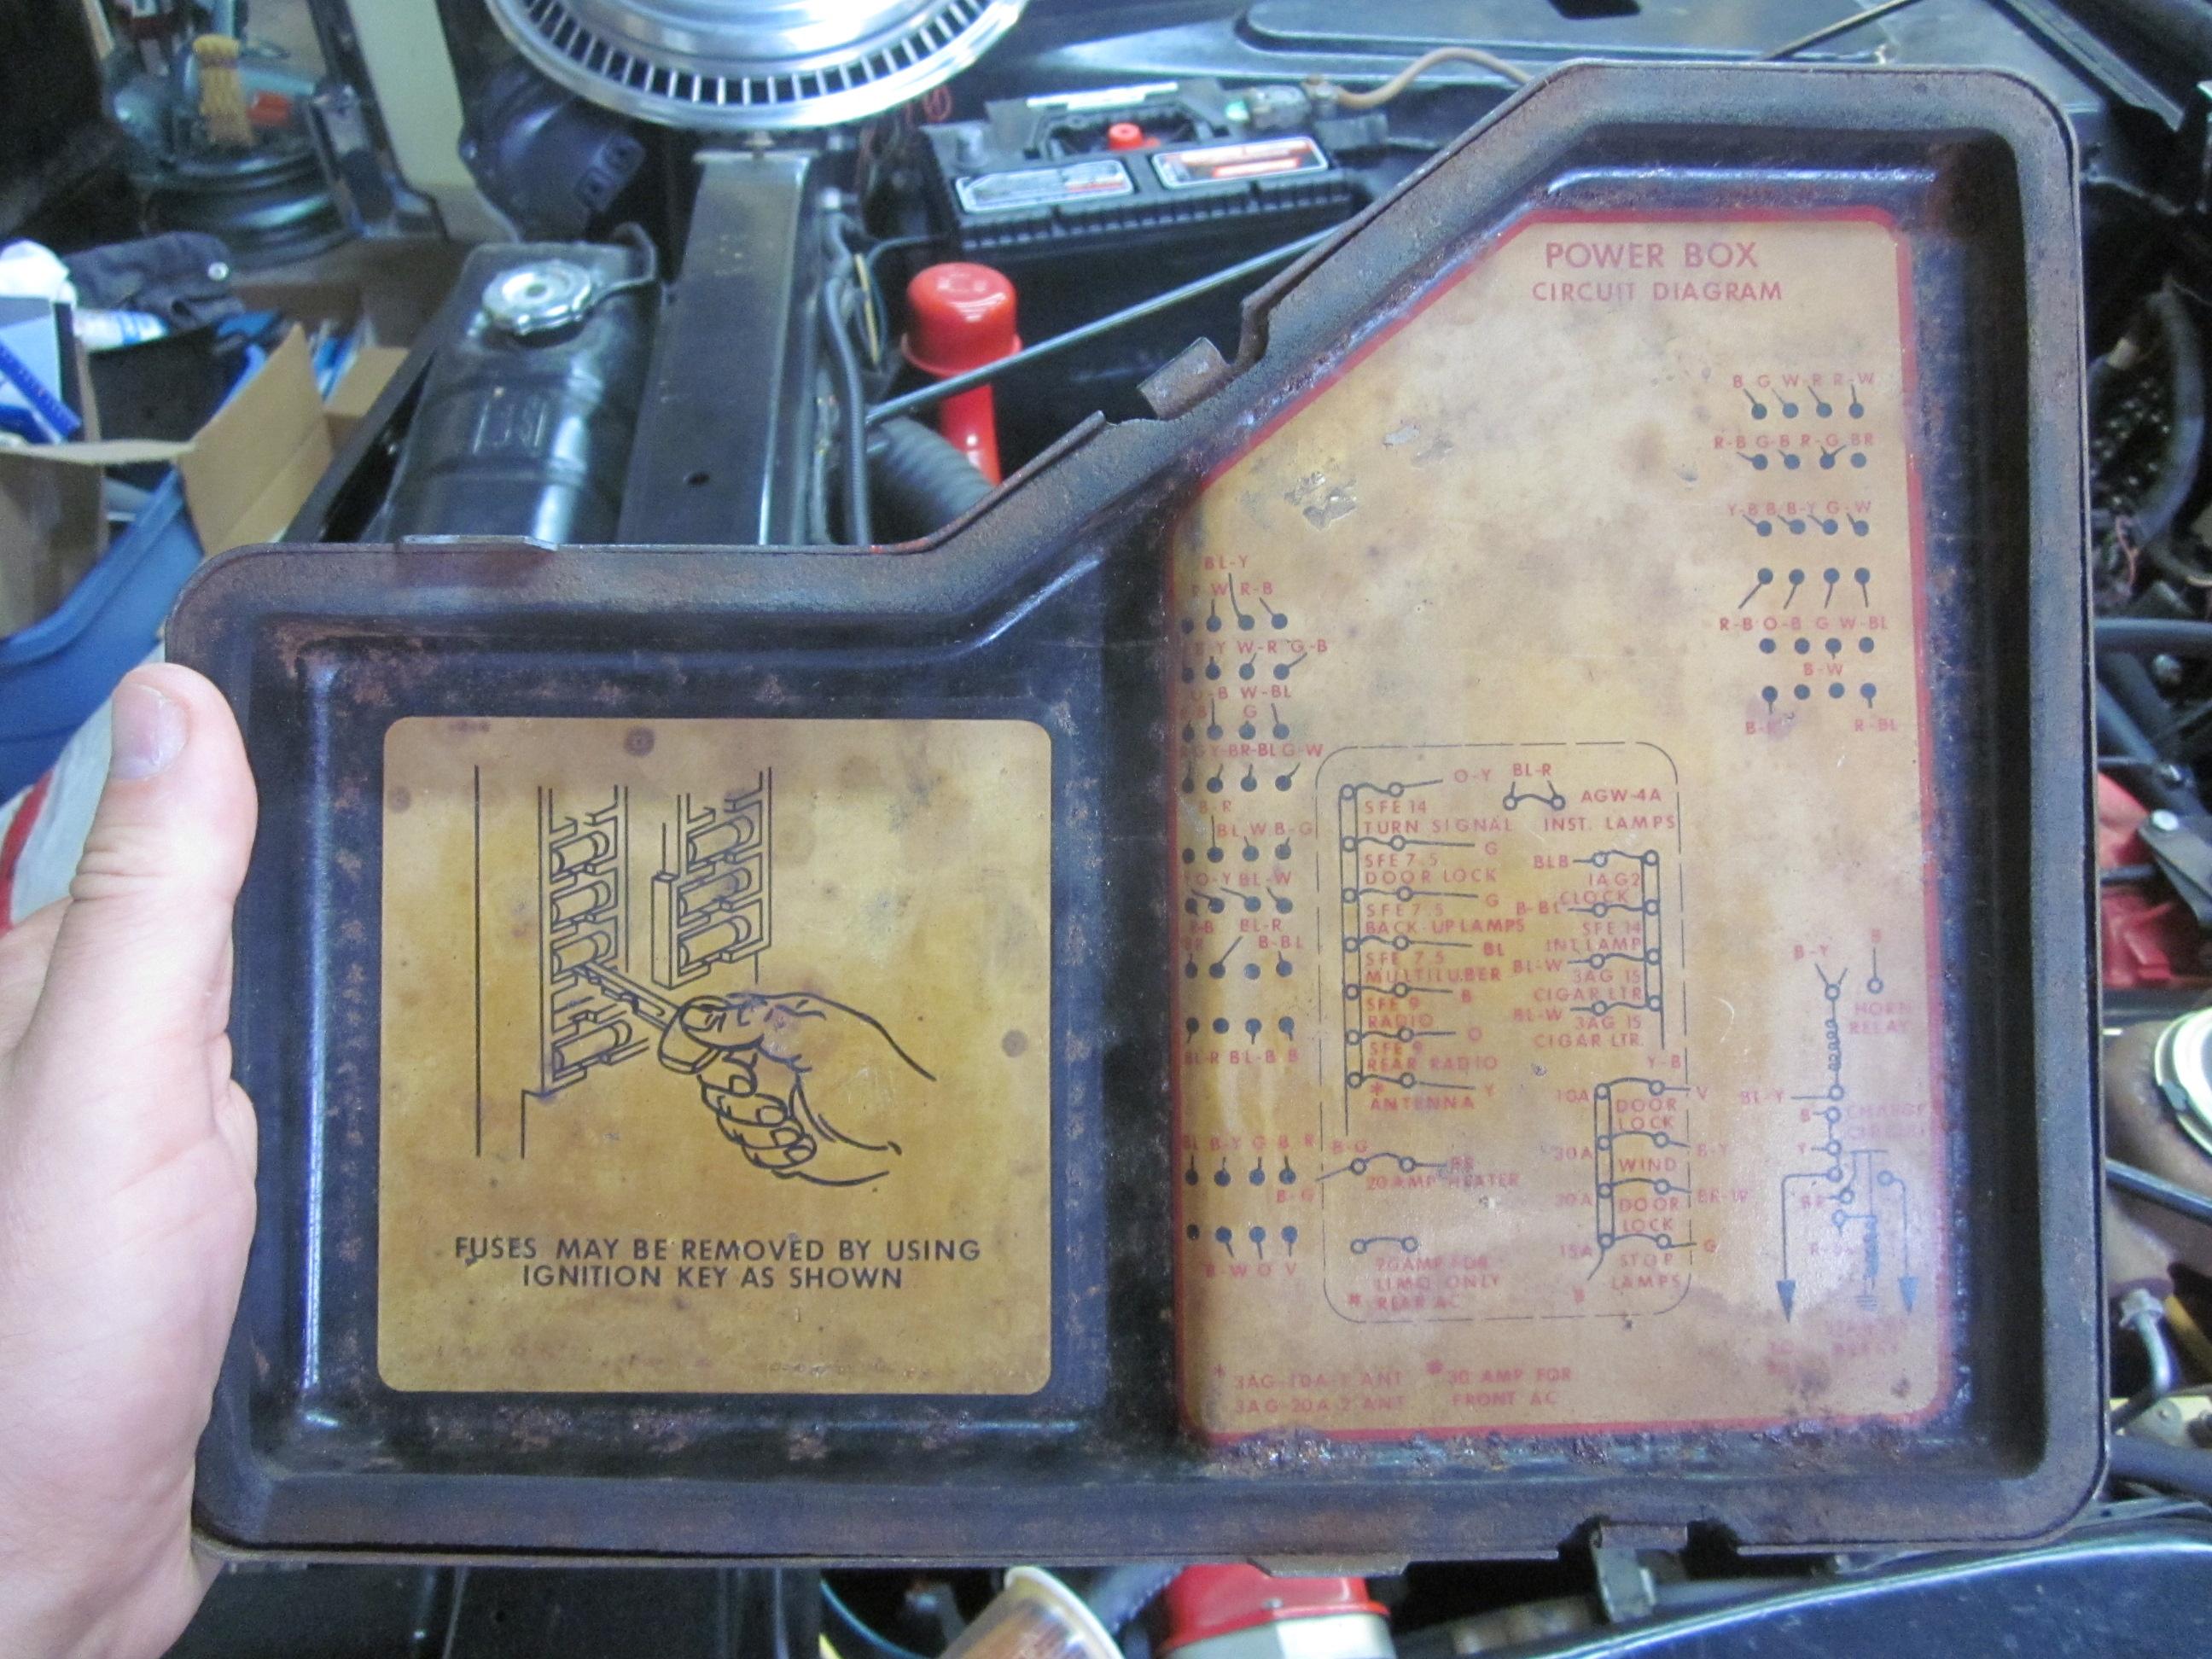 lincoln fuse box diagram lincolnrestoration 1998 cadillac coupe deville fuse diagram 1987 cadillac deville fuse box [ 2592 x 1944 Pixel ]